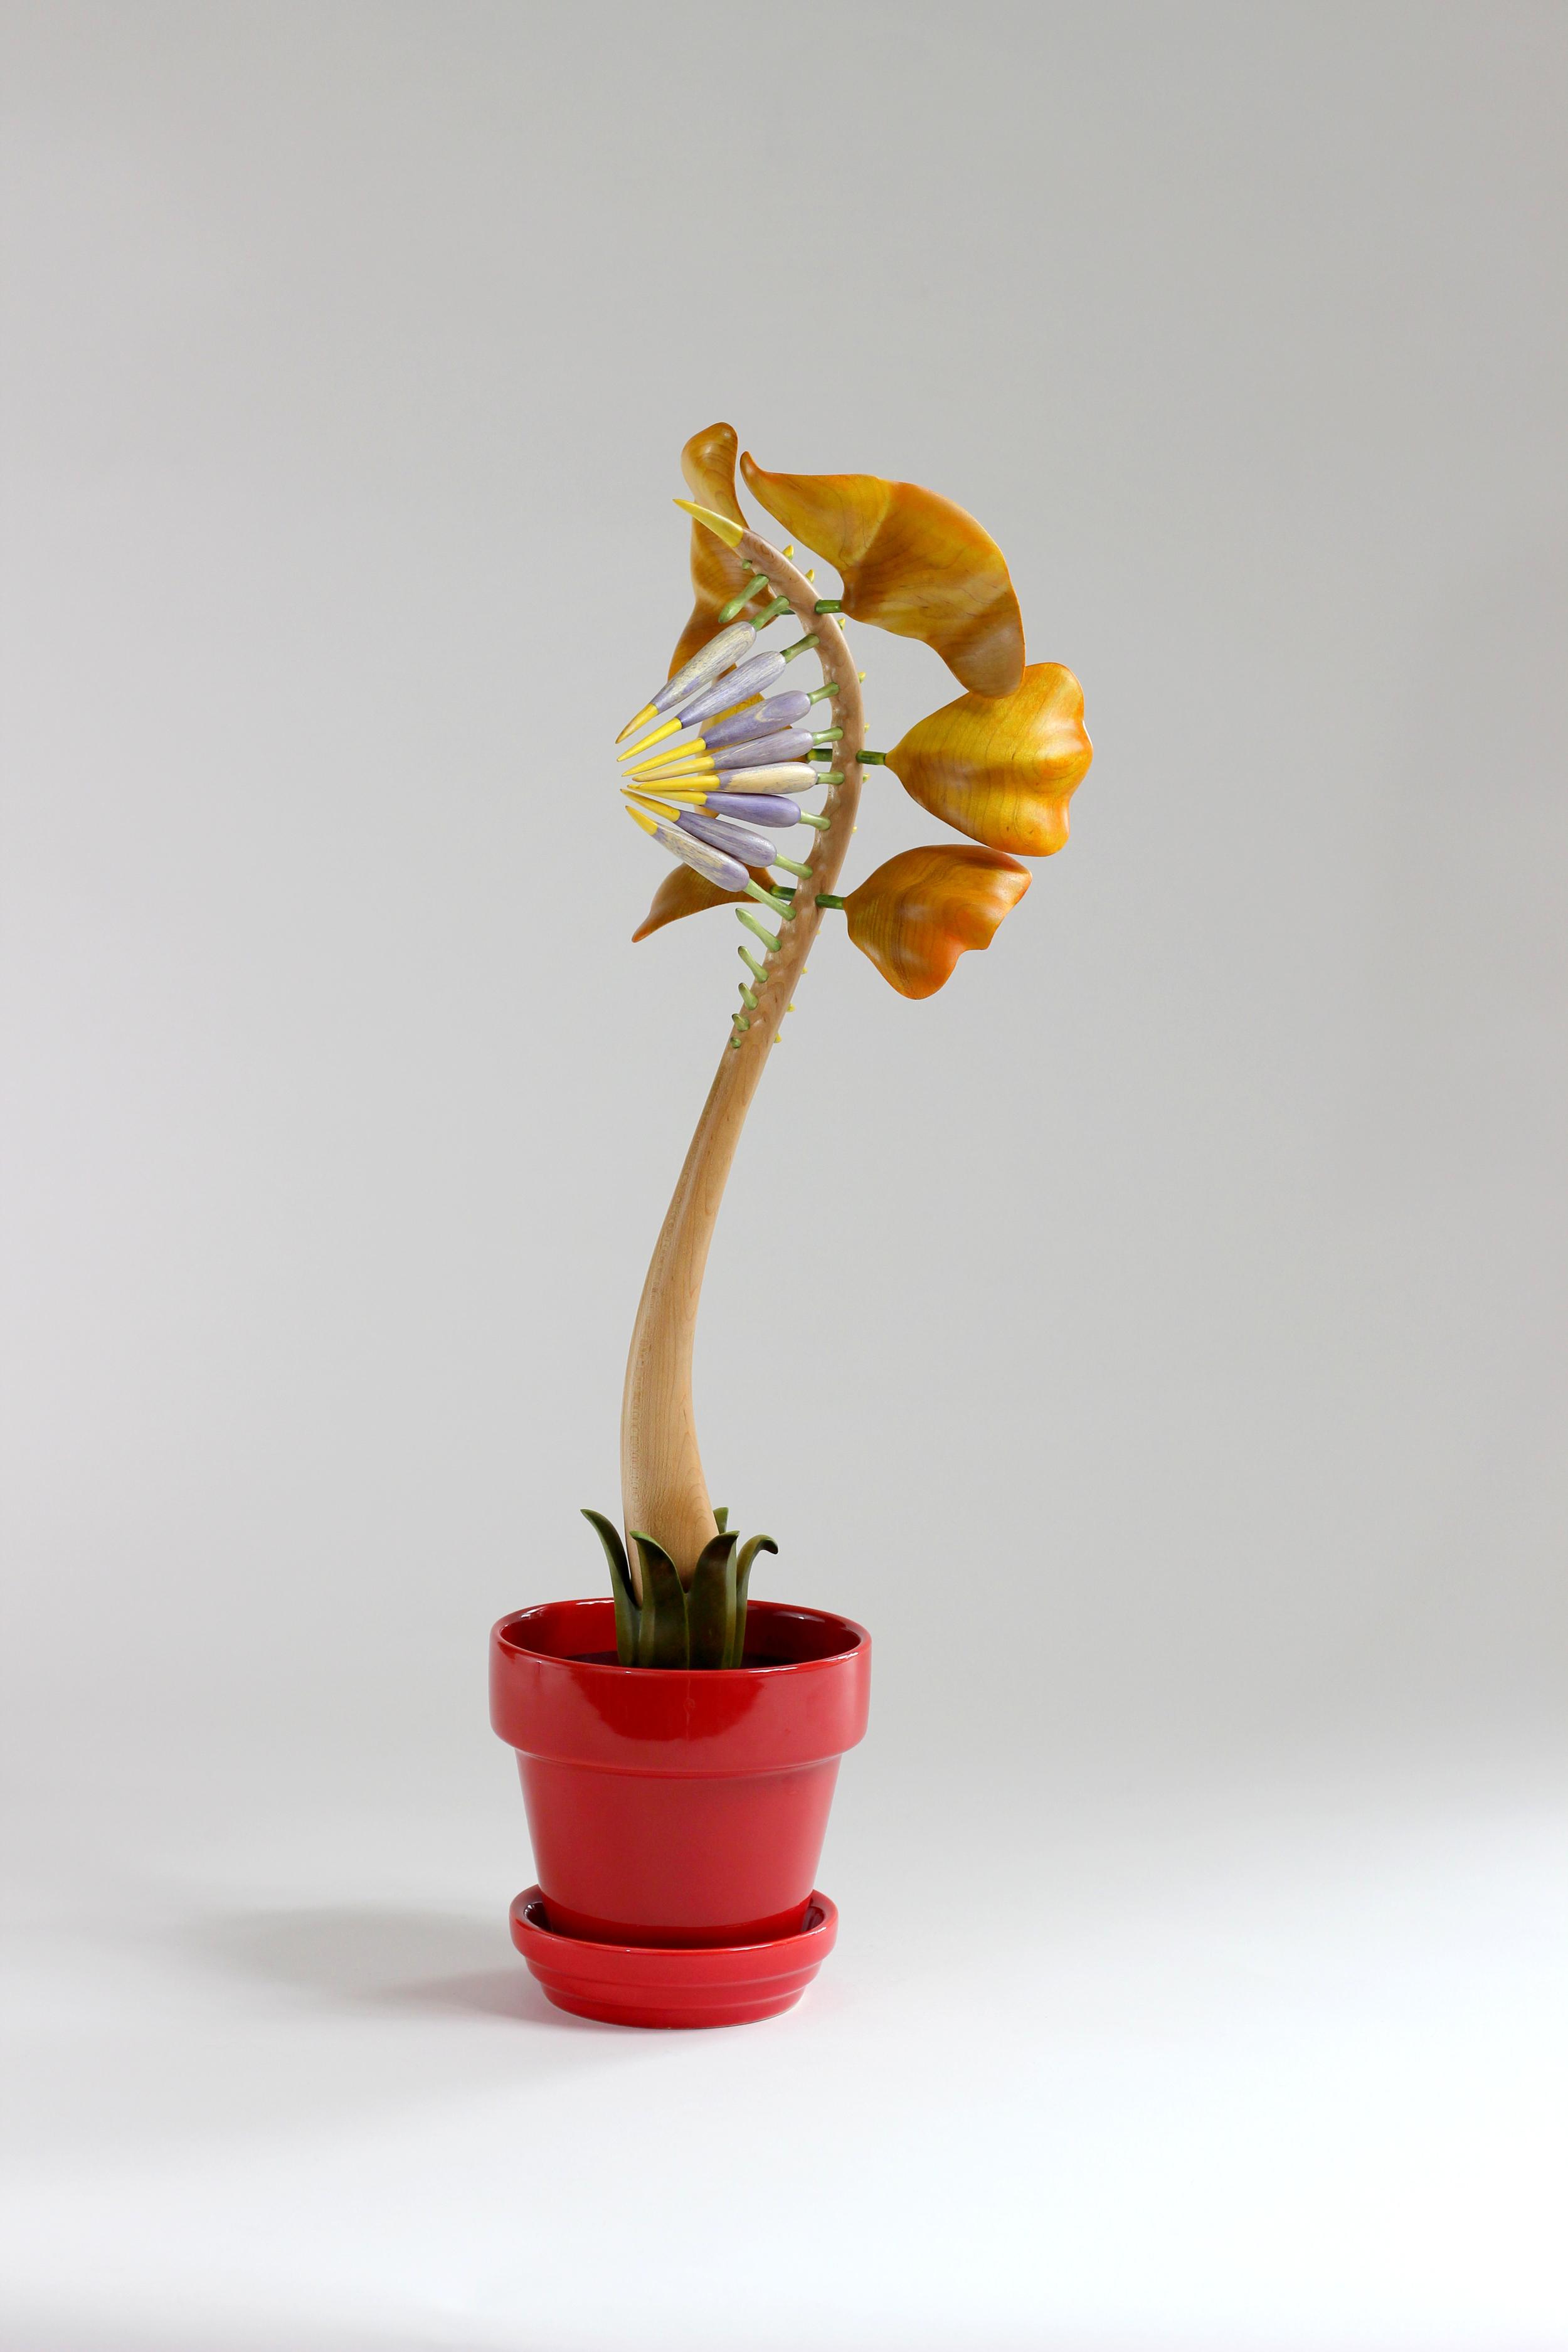 Bloom #5 by Sam Hingston